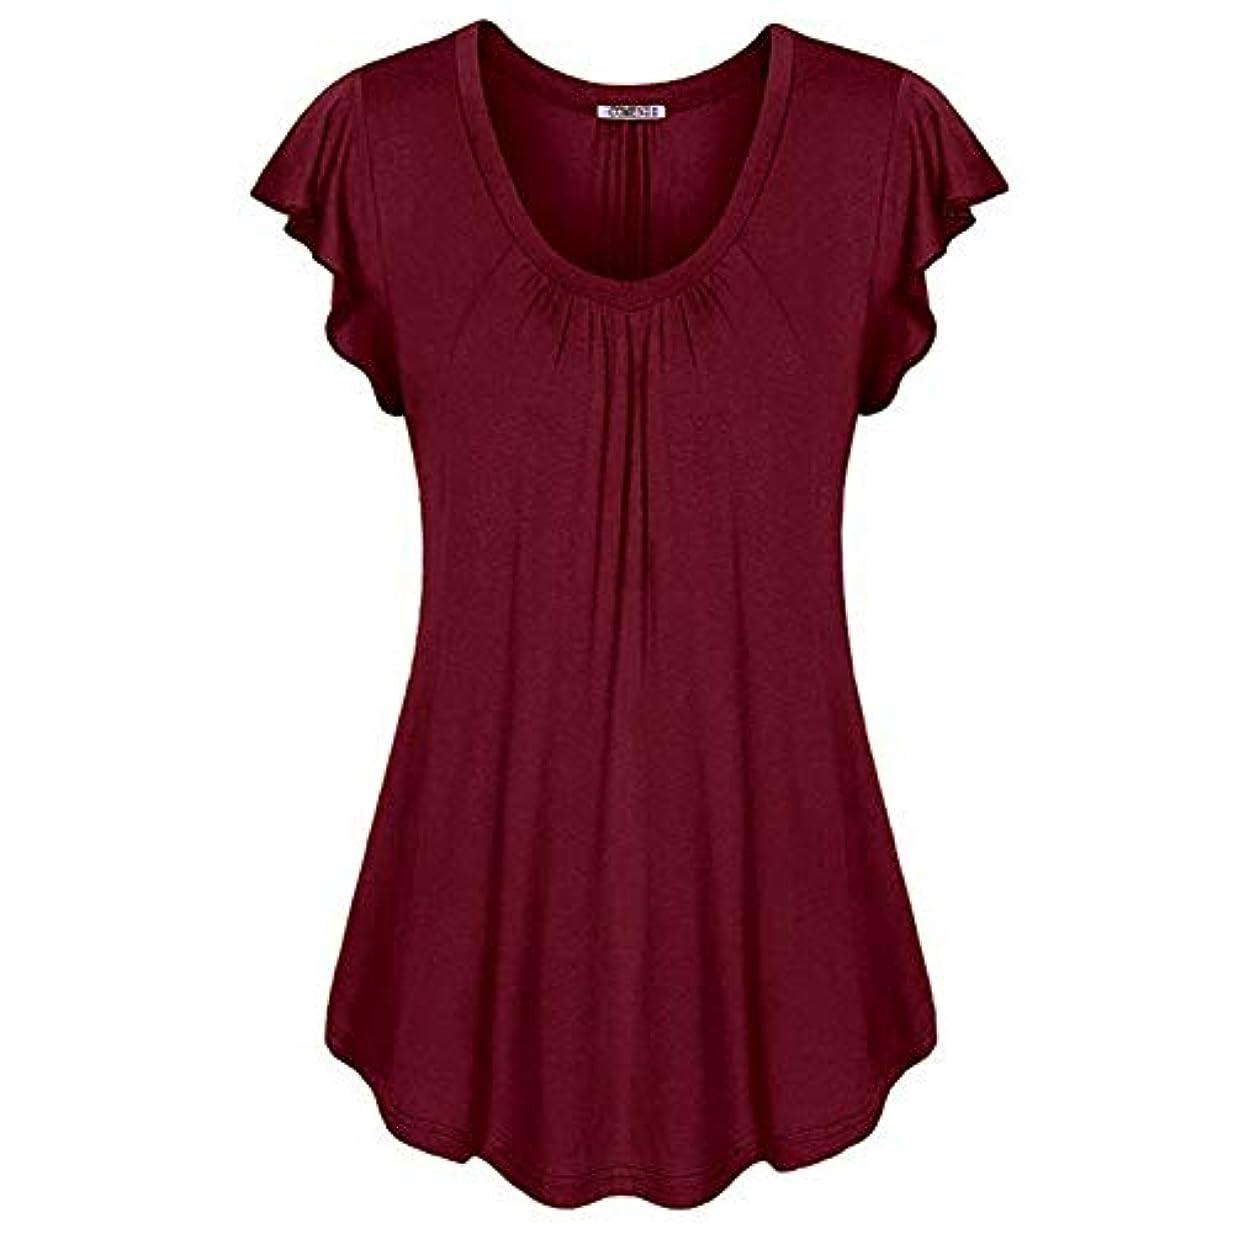 ぺディカブ閃光解釈MIFAN の女性のドレスカジュアルな不規則なドレスルースサマービーチTシャツドレス